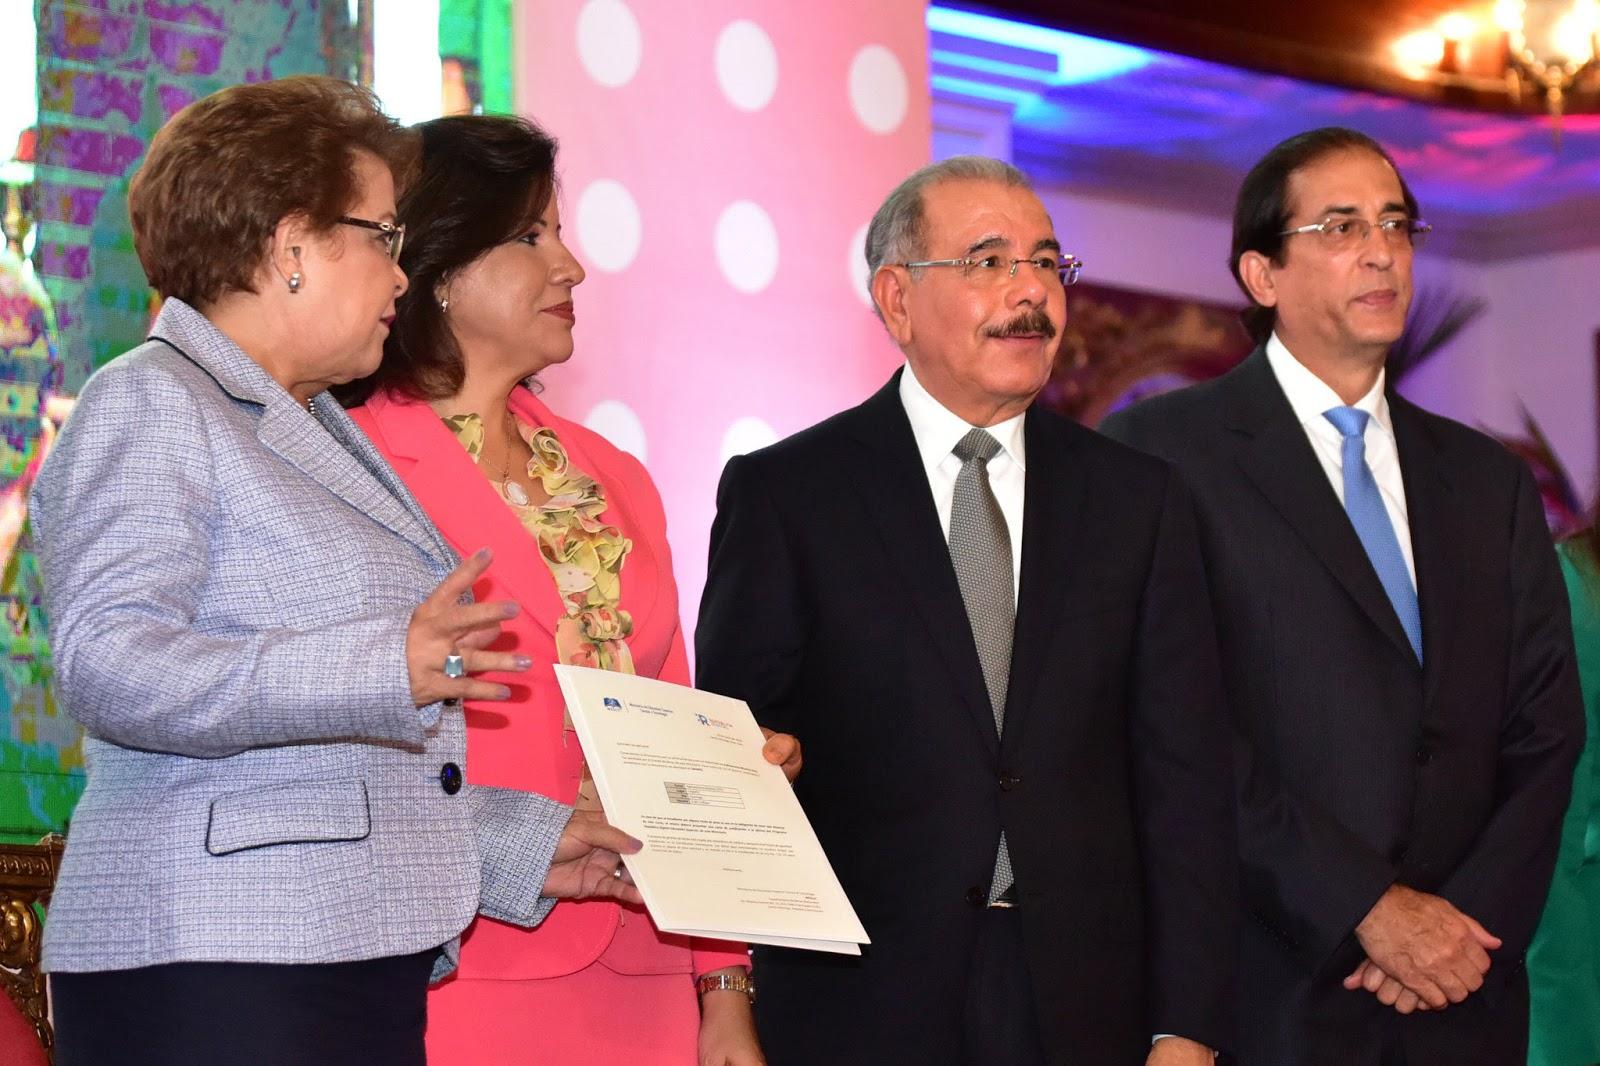 Ahorro tiempo y dinero: ciudadanos cuentan con 61 nuevos servicios en línea gracias a República Digital; Danilo Medina encabeza lanzamiento